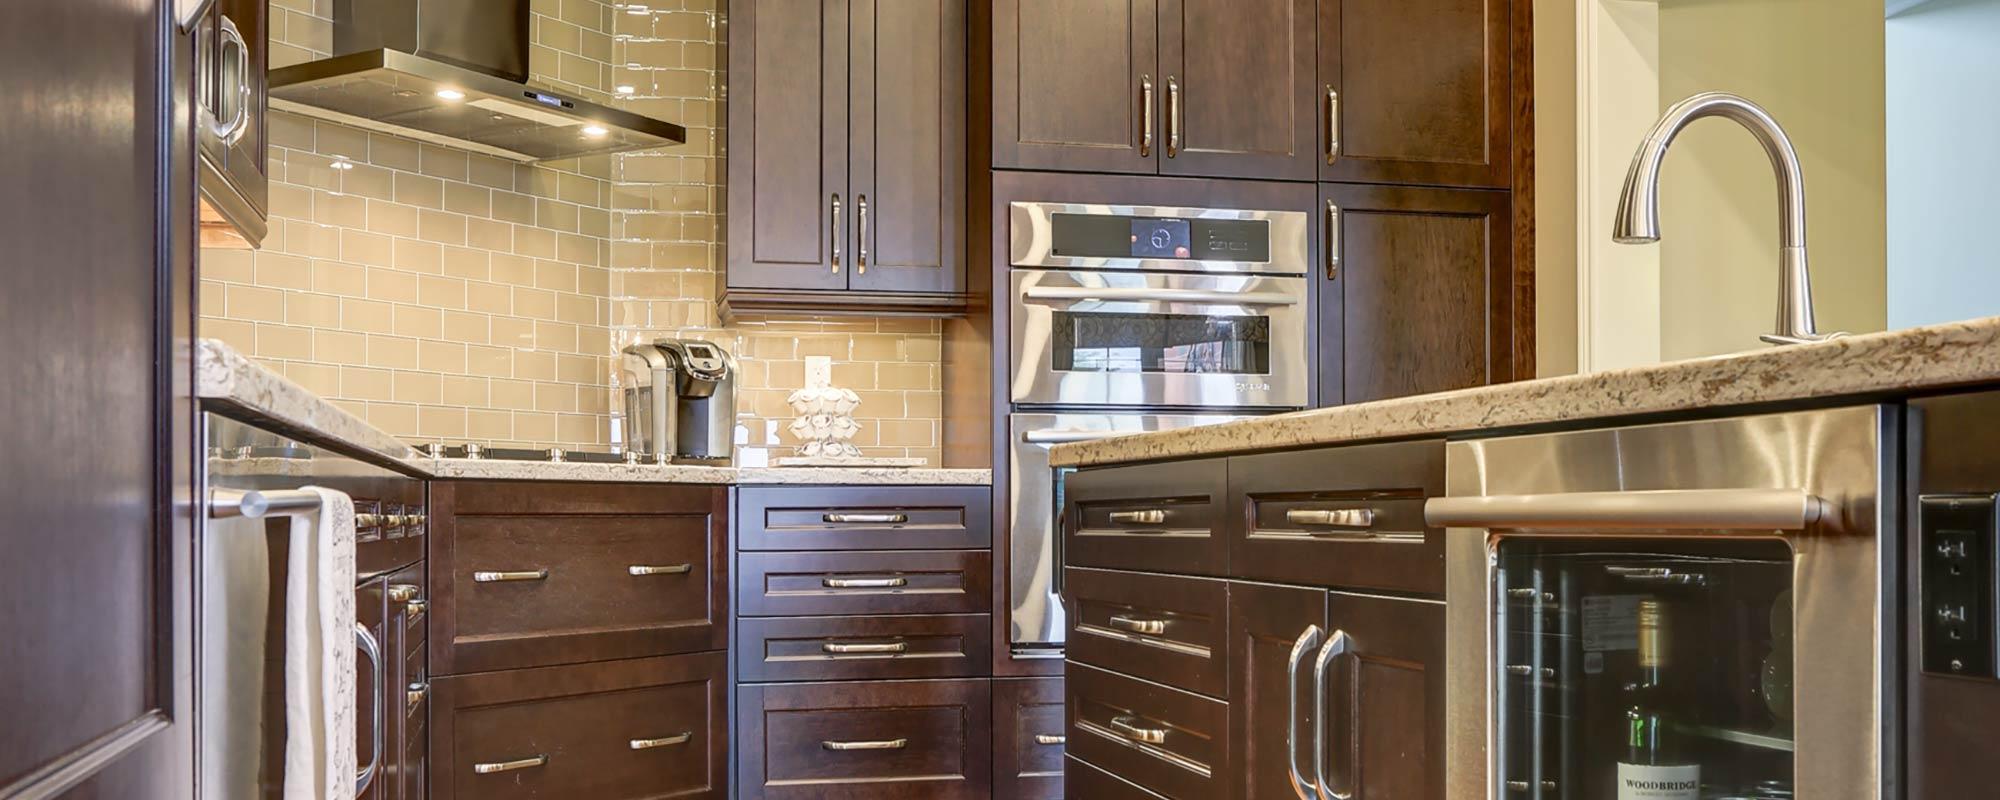 Jessie Court Kitchen, Bath & Home Renovation